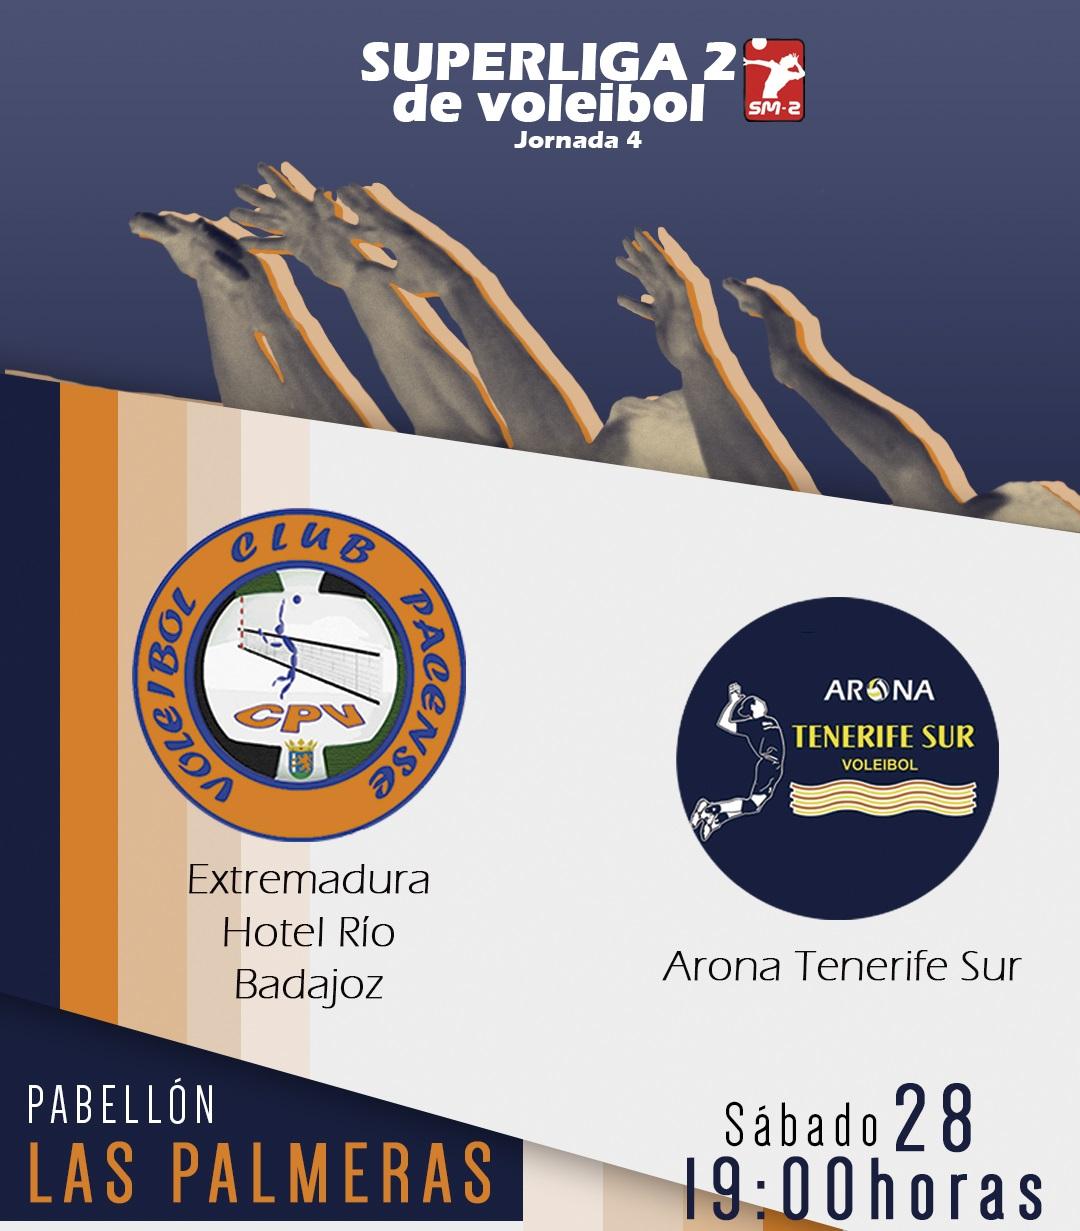 El Extremadura Hotel Río buscará en Las Palmeras su primera victoria